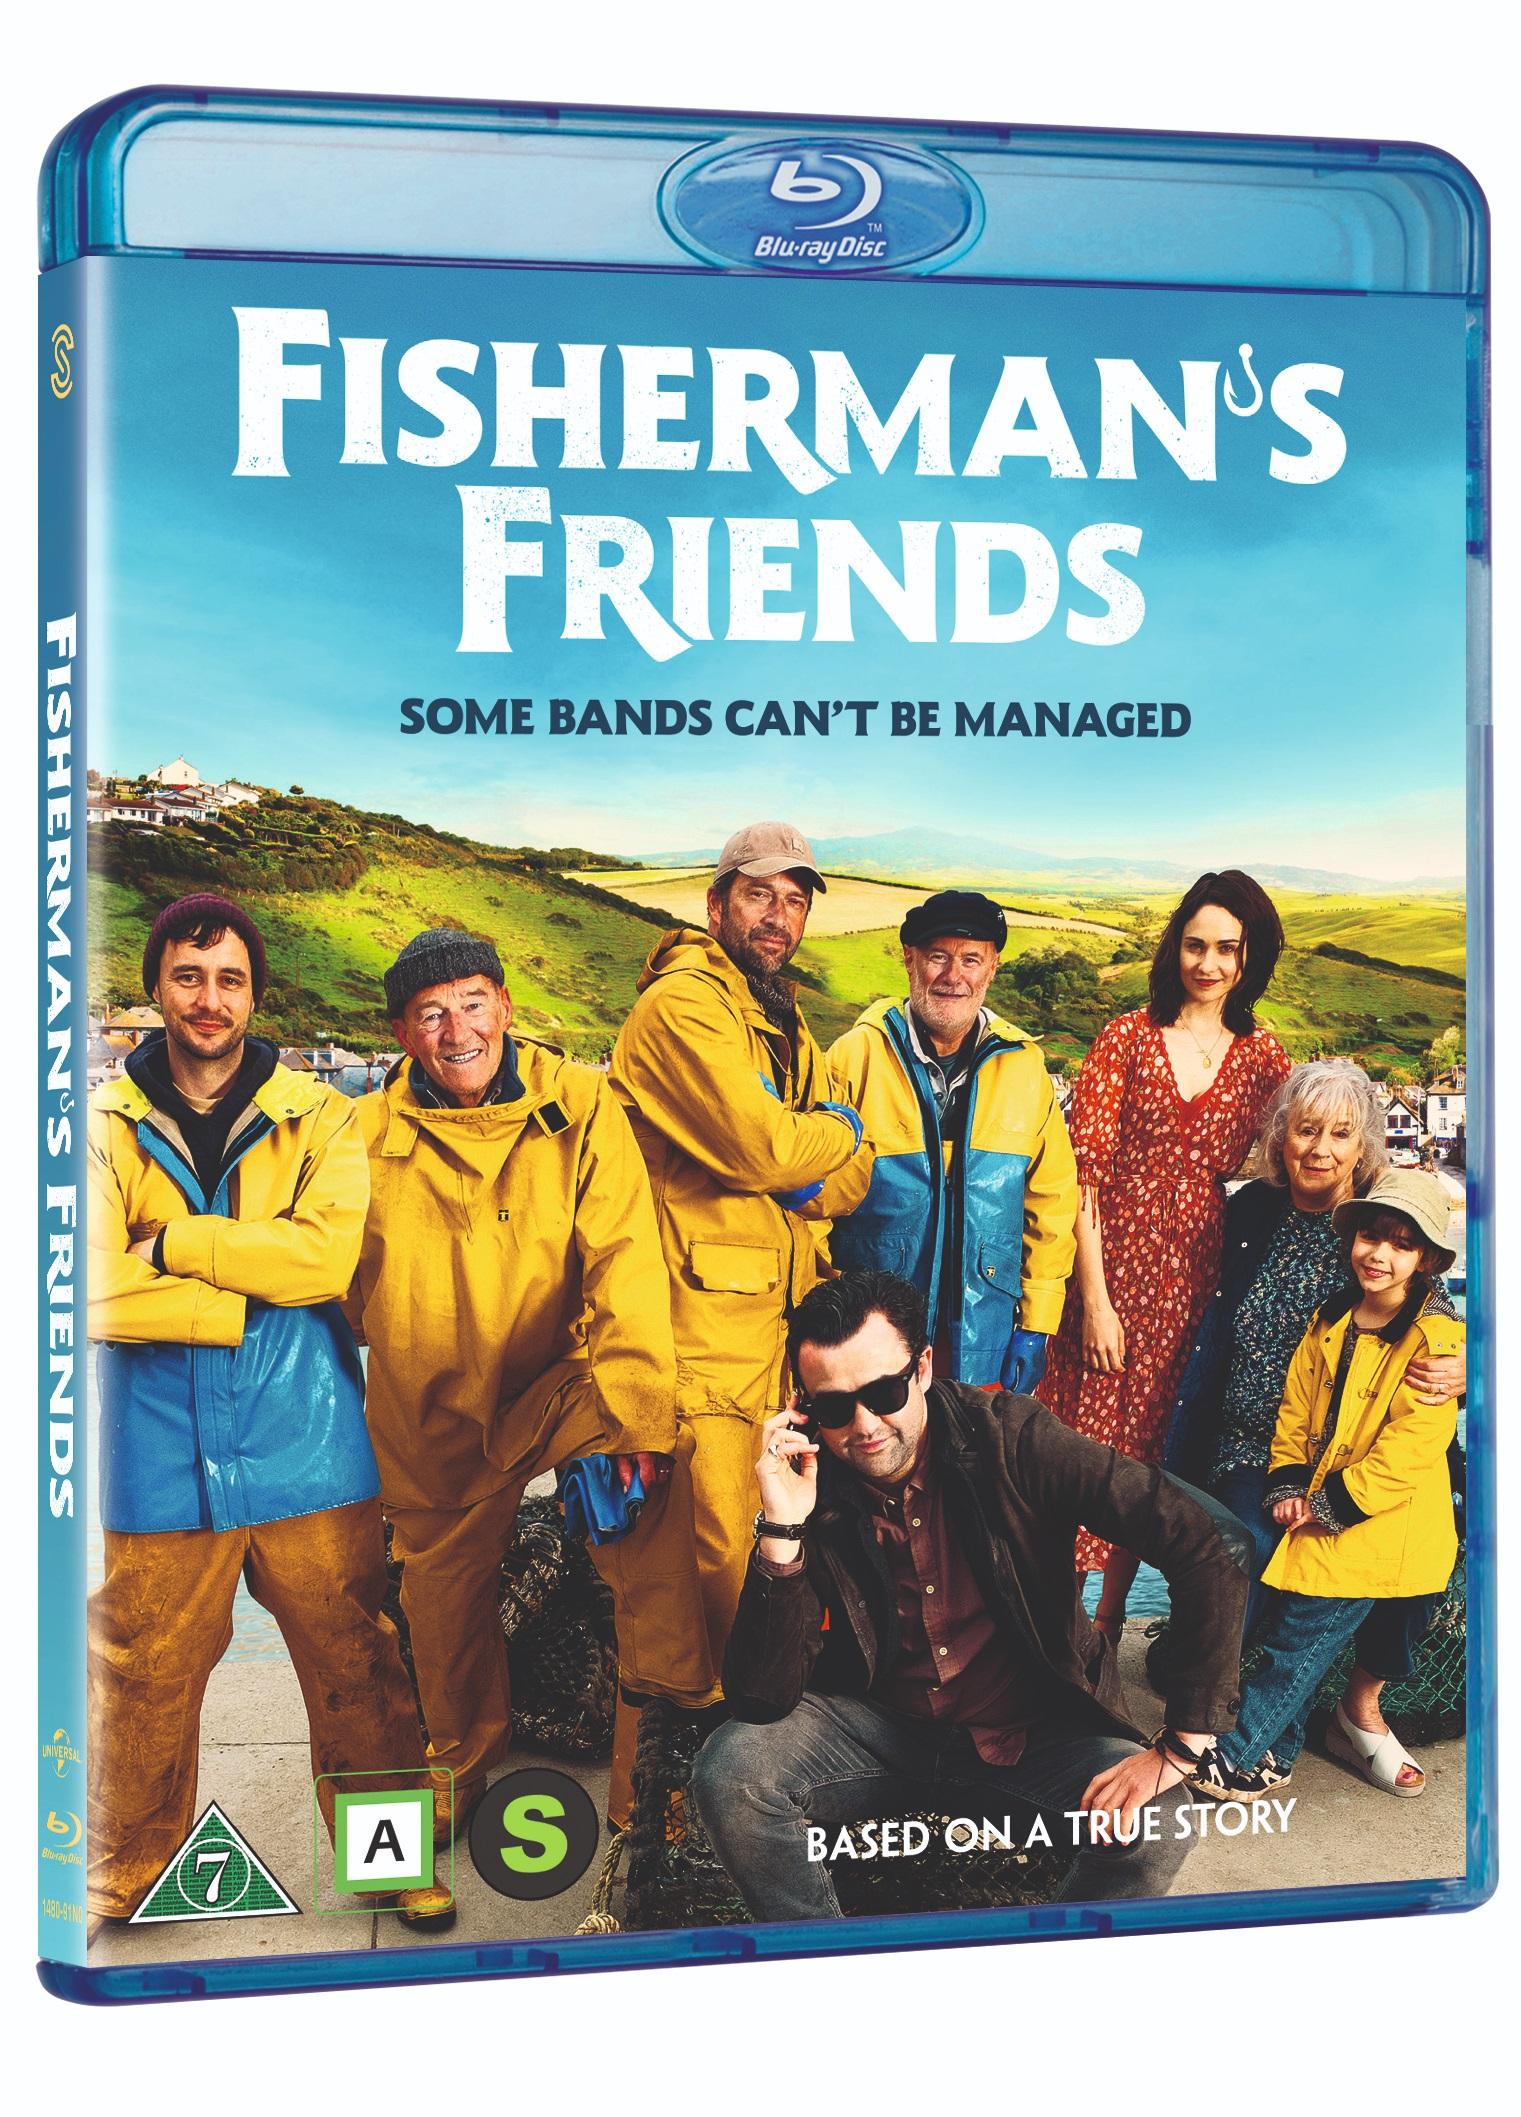 Fisherman's Friends -  - Film -  - 5706169001968 - 12/12-2019